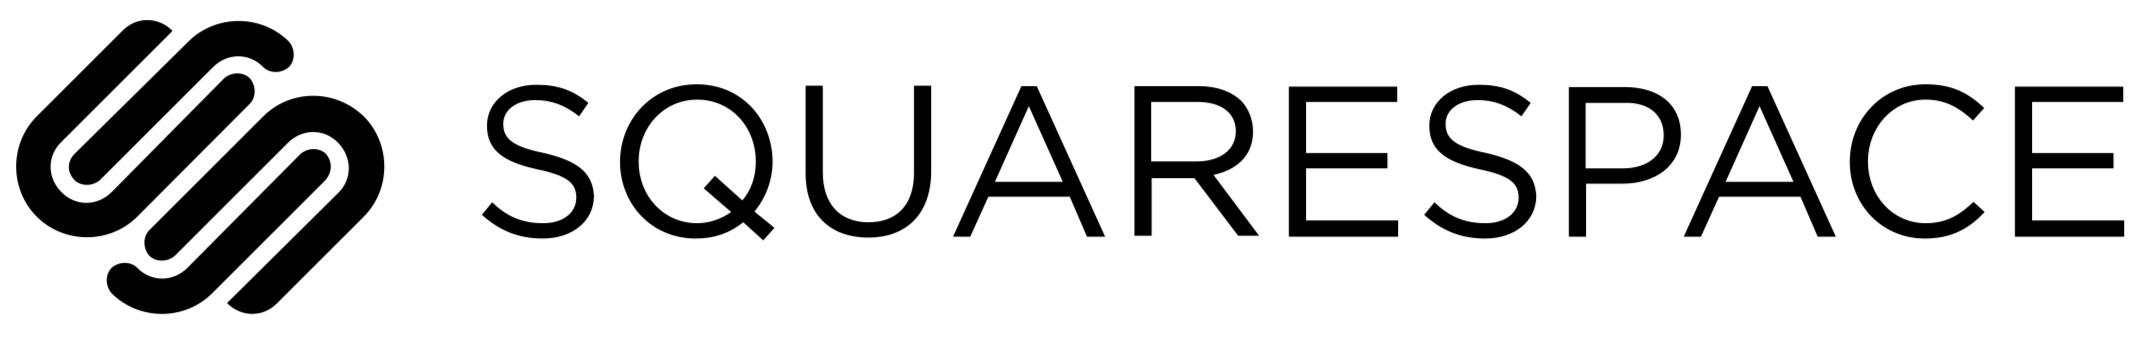 squarespace-logo-transparent.jpg